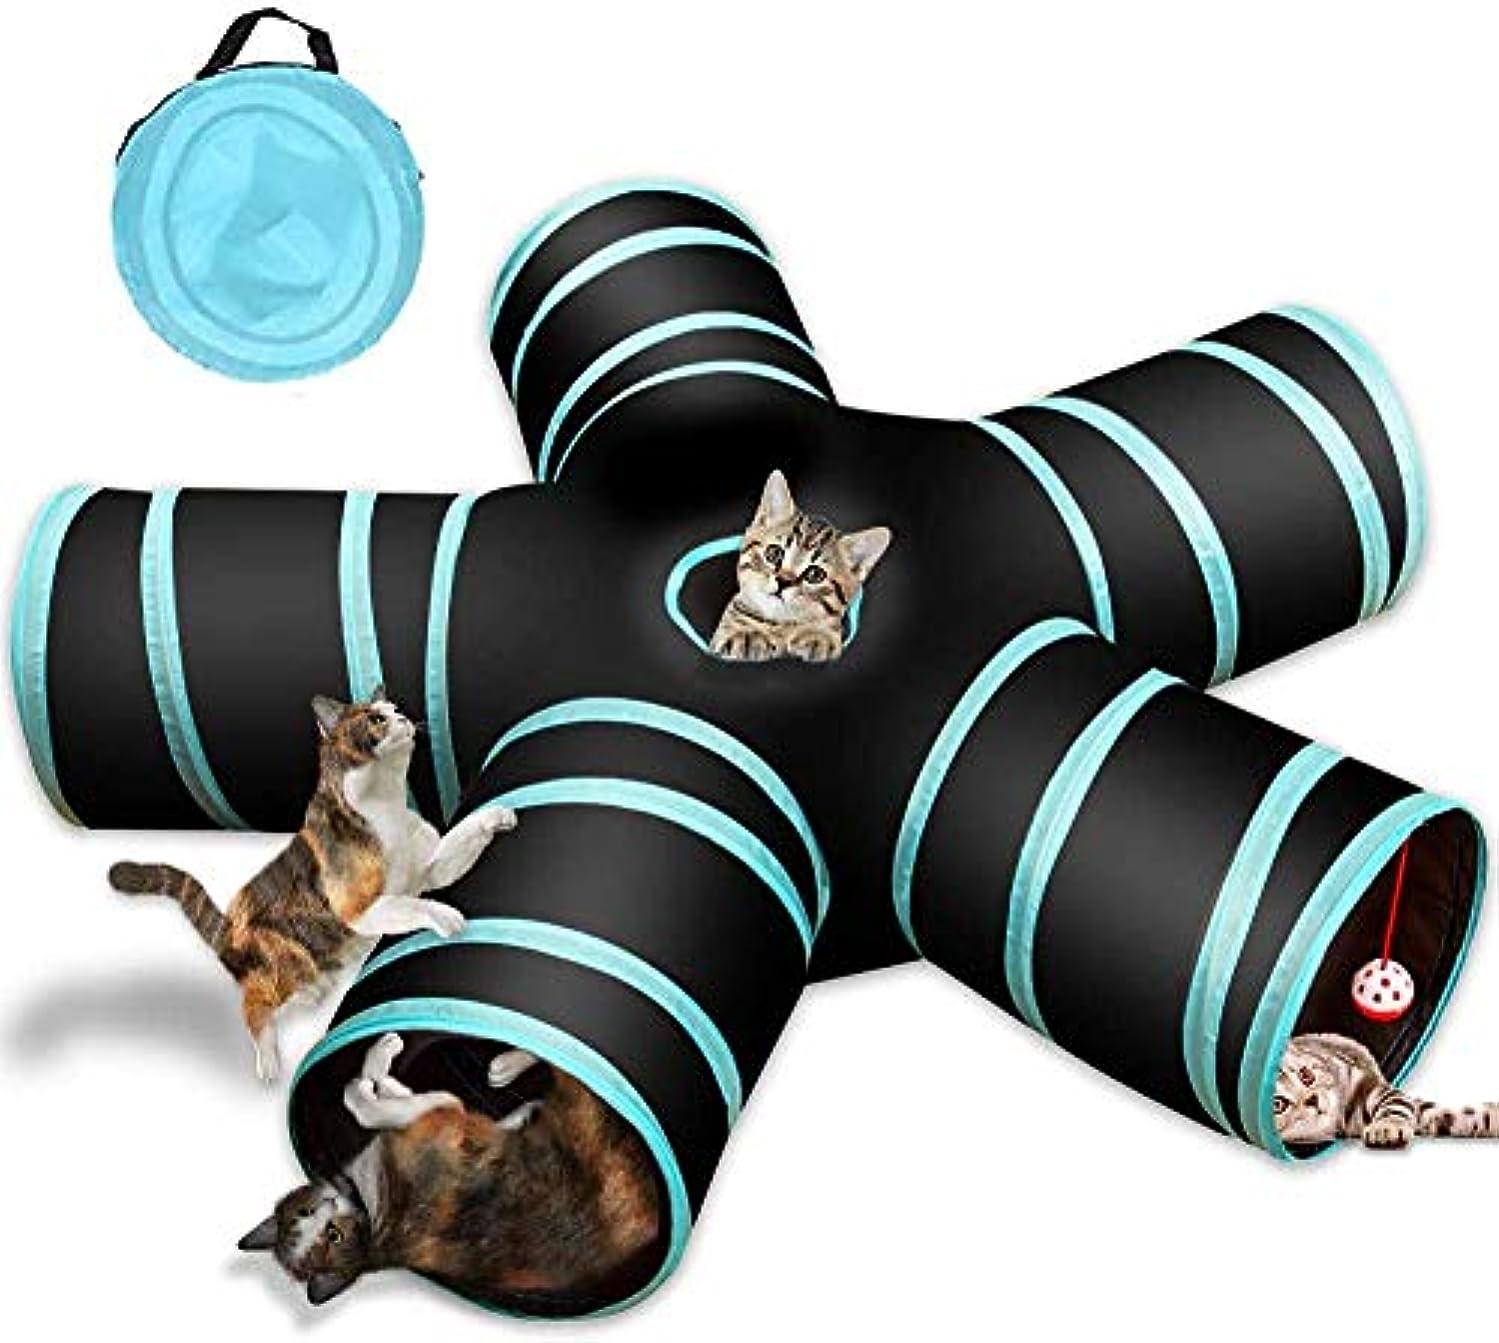 宝石処方恩赦猫5通 トンネル お留守番に ペット用品 折りたたみ式 キャットトンネル 子犬 うさぎ/ハムスター/子犬玩具 鳴るボールに付き